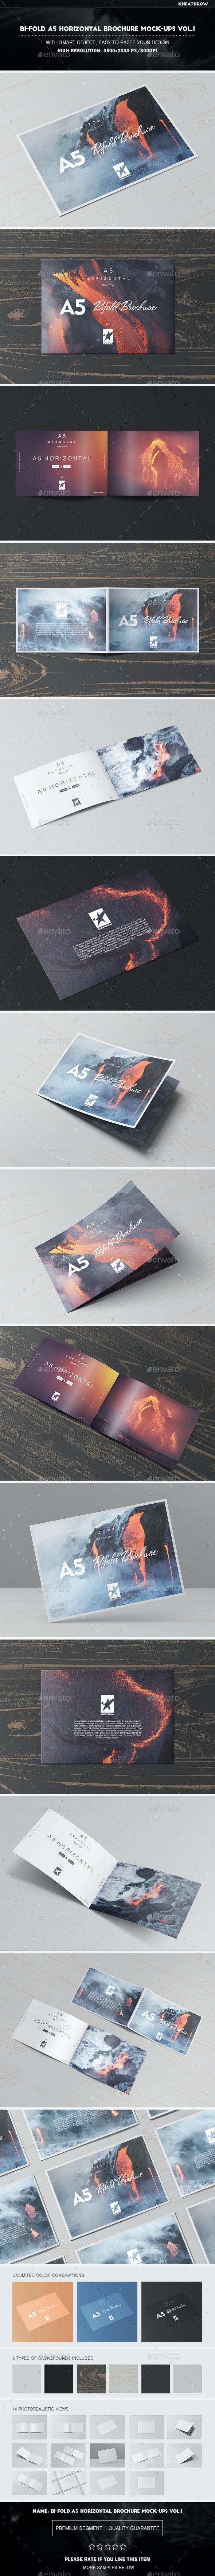 Bi-Fold A5 Horizontal Brochure Mock-Ups Vol.1 - Brochures Print